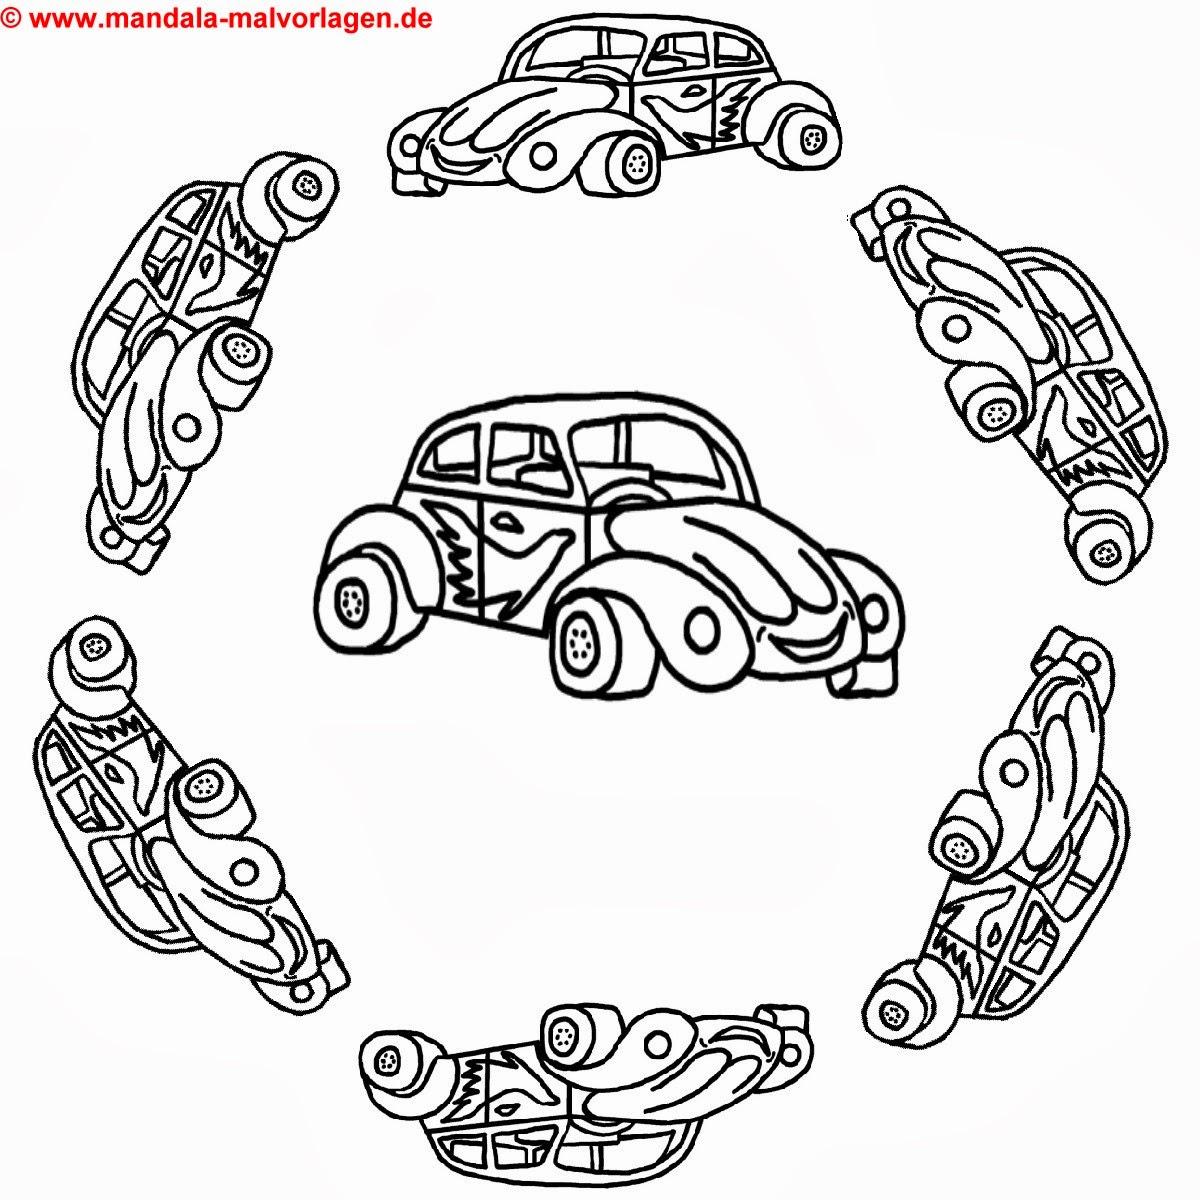 Ausmalbilder Cars Malvorlagen - Malvorlagen gratis